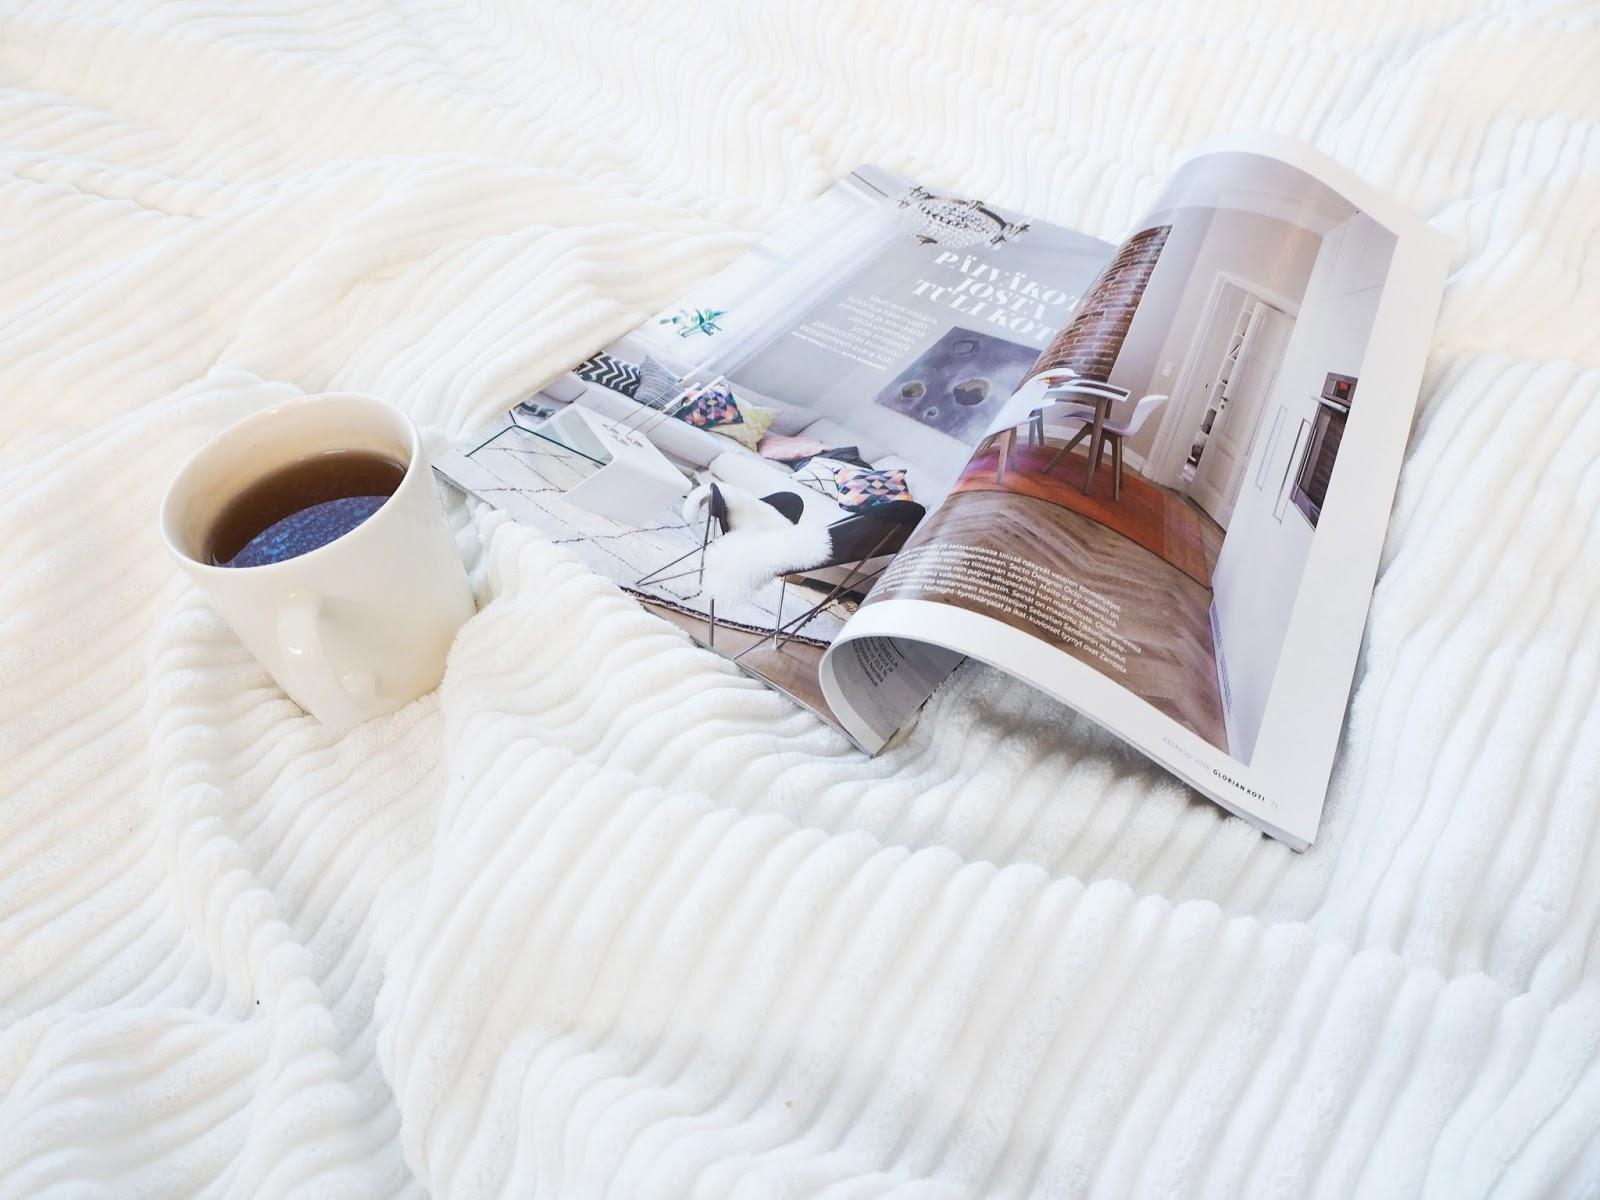 Saippuakuplia olohuoneessa- blogi, kuva Hanna Poikkilehto, asetelma, Glorian koti, Iittala Teema, Vihreä tee,